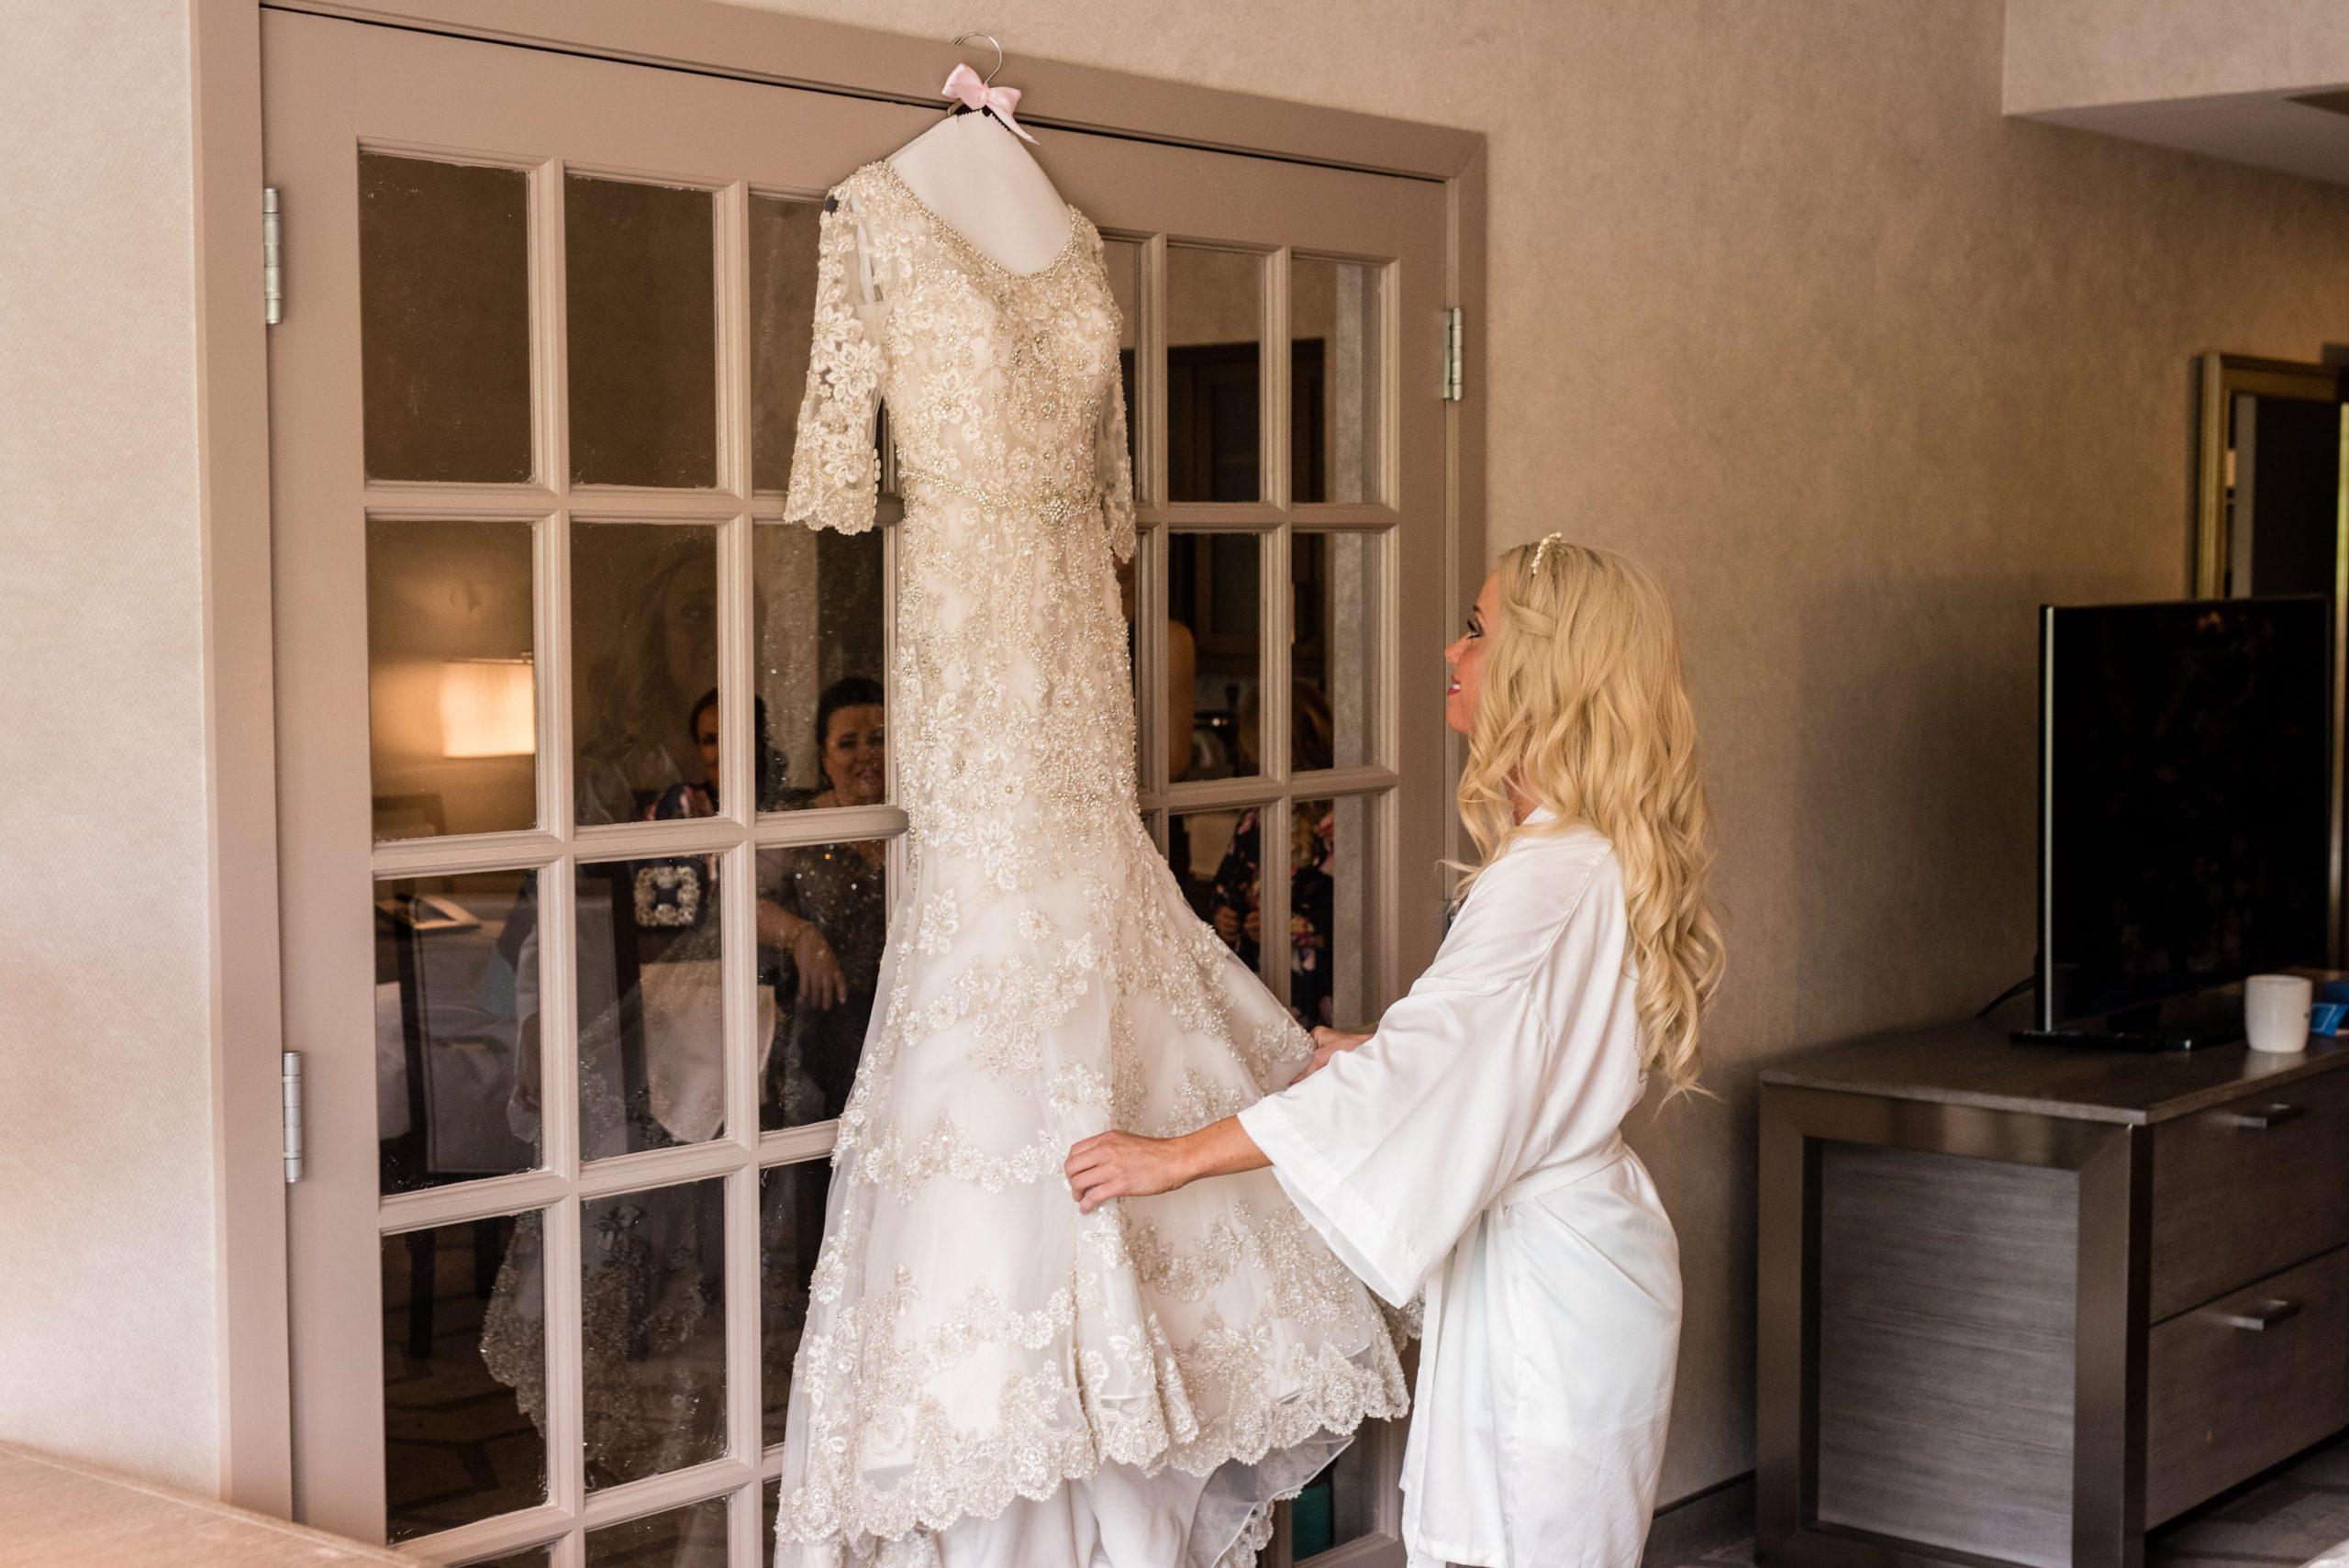 bride admiring her dress hanging on door